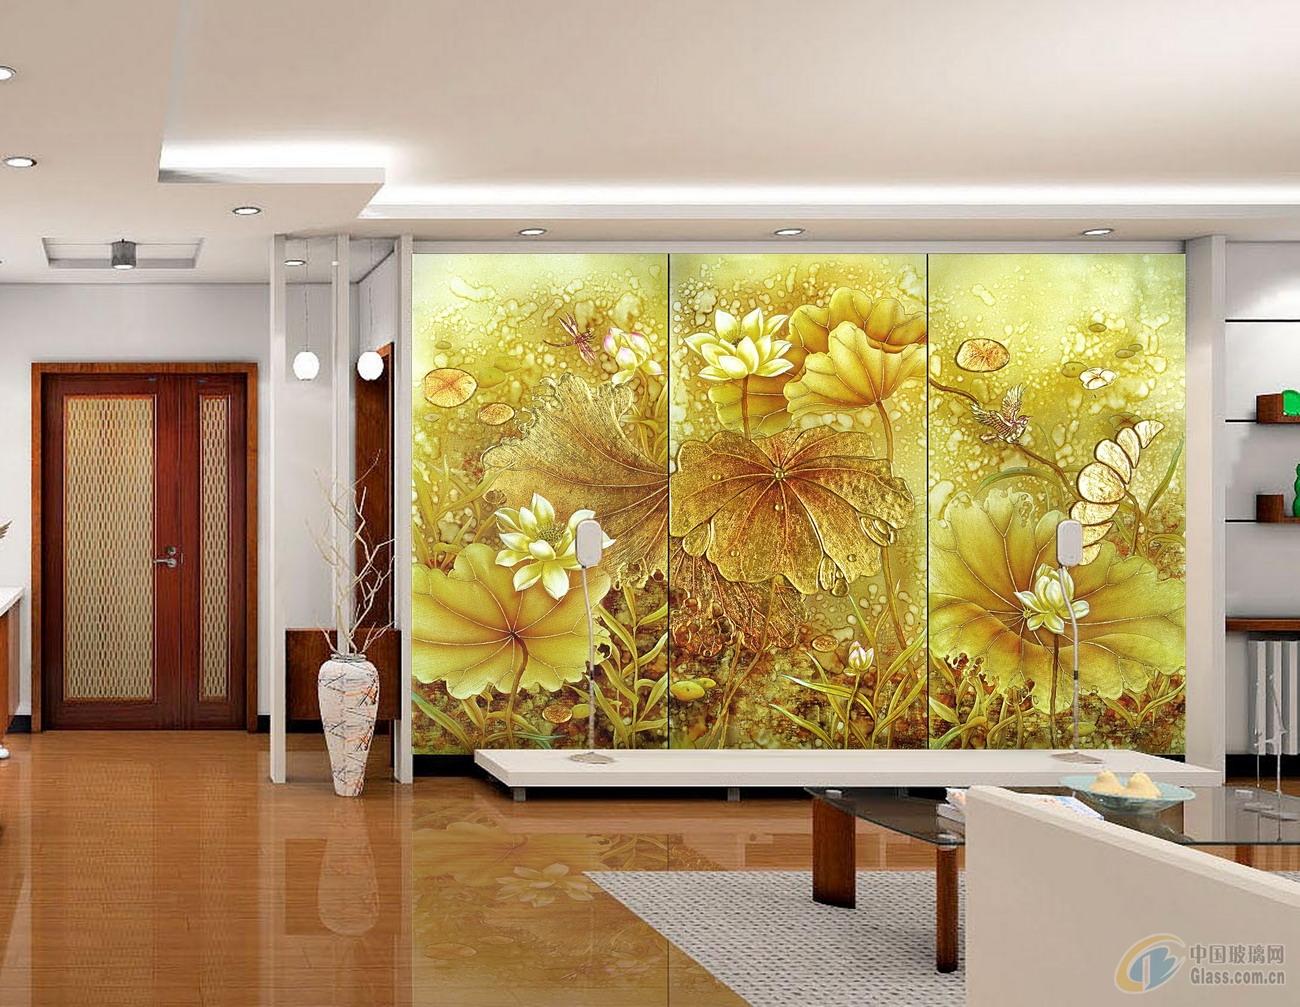 郑州电视背景墙艺术玻璃